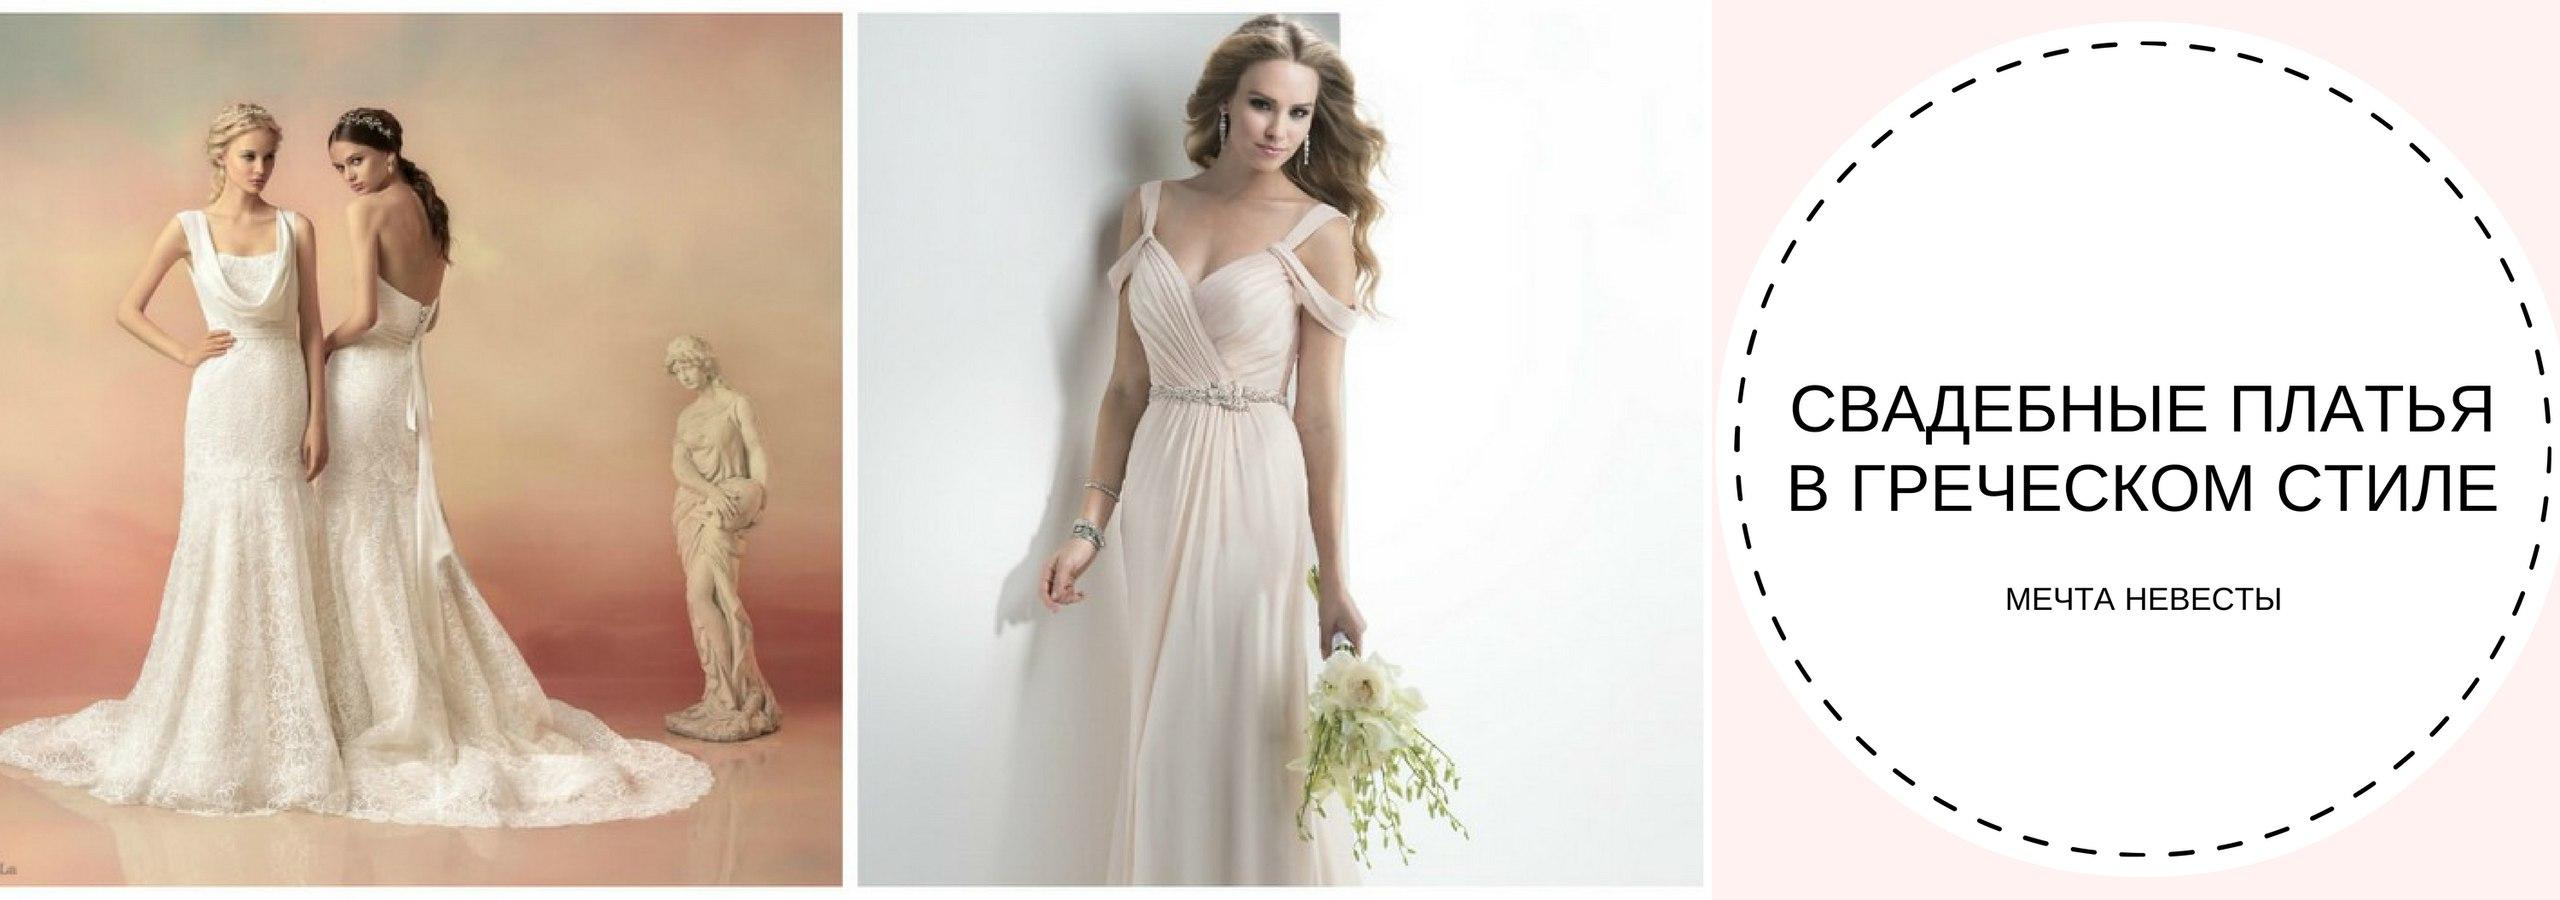 e4d7027dfa4a25d Современная свадьба и самые популярные стили – прованс, рустик, шебби-шик,  бохо ассоциируются с легкостью и воздушностью. В основе свадебного образа  ...